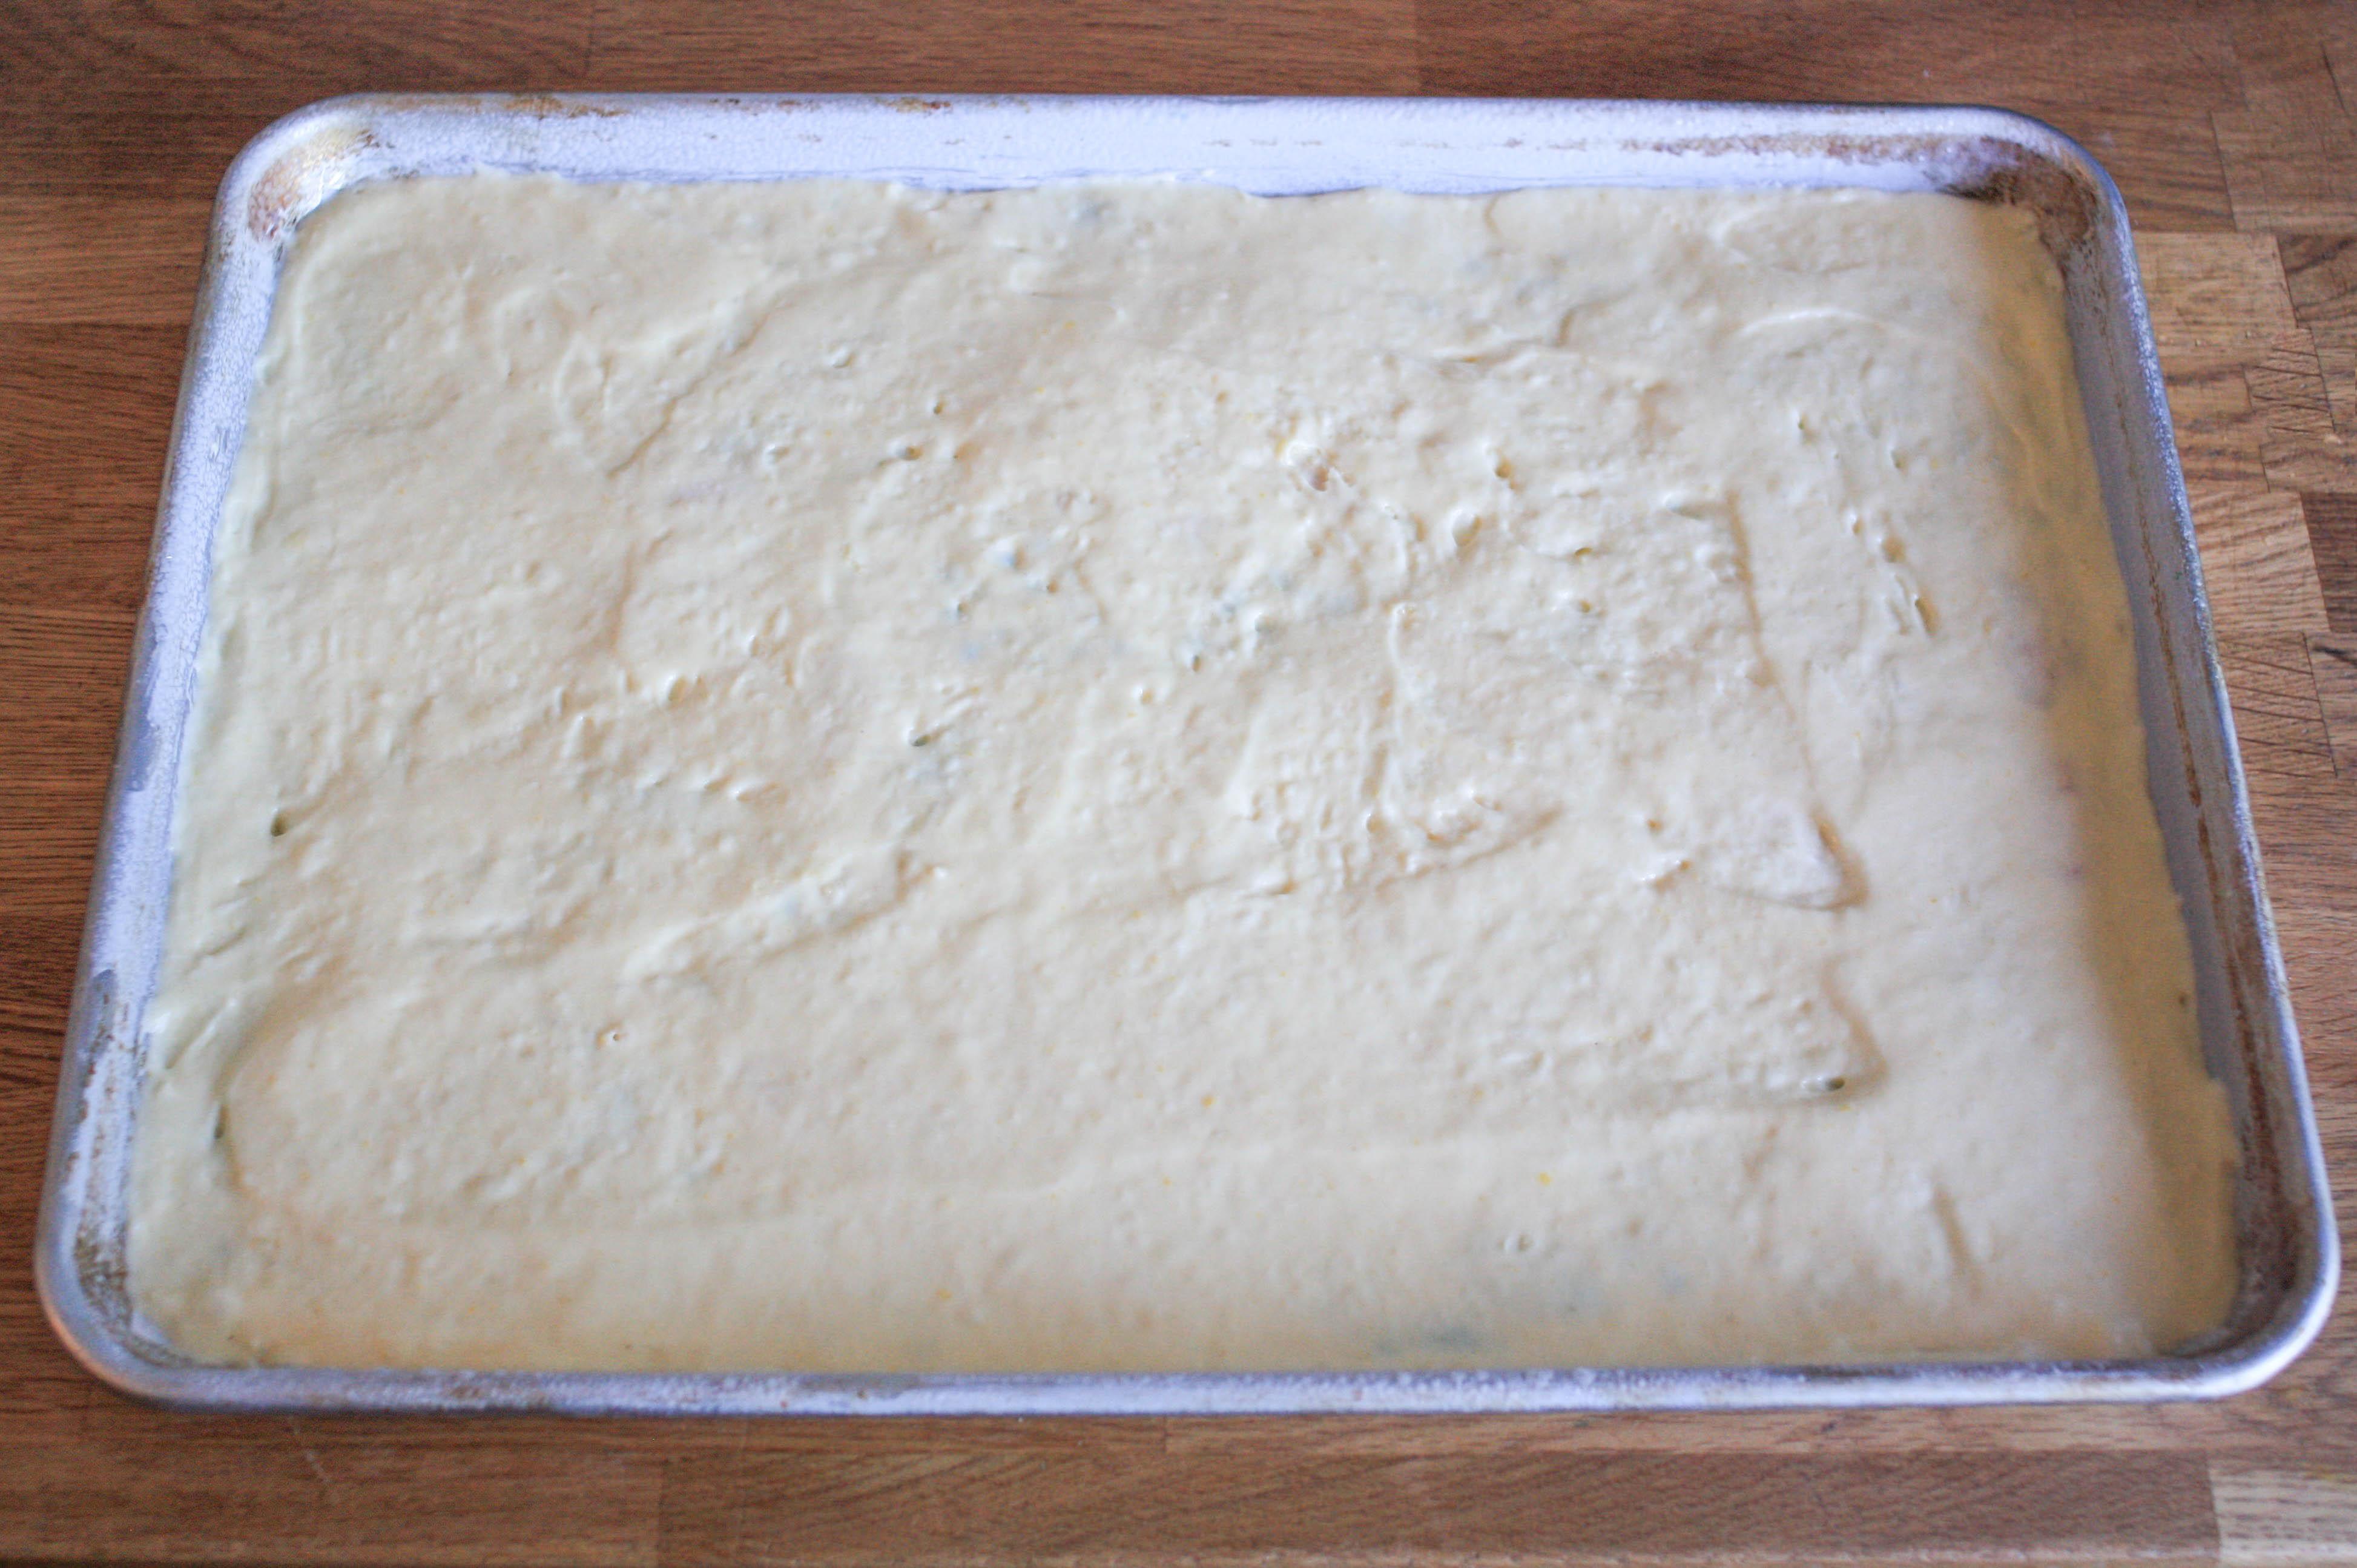 Adding Sponge Cake Batter Over The Design | Erin Gardner | Bluprint